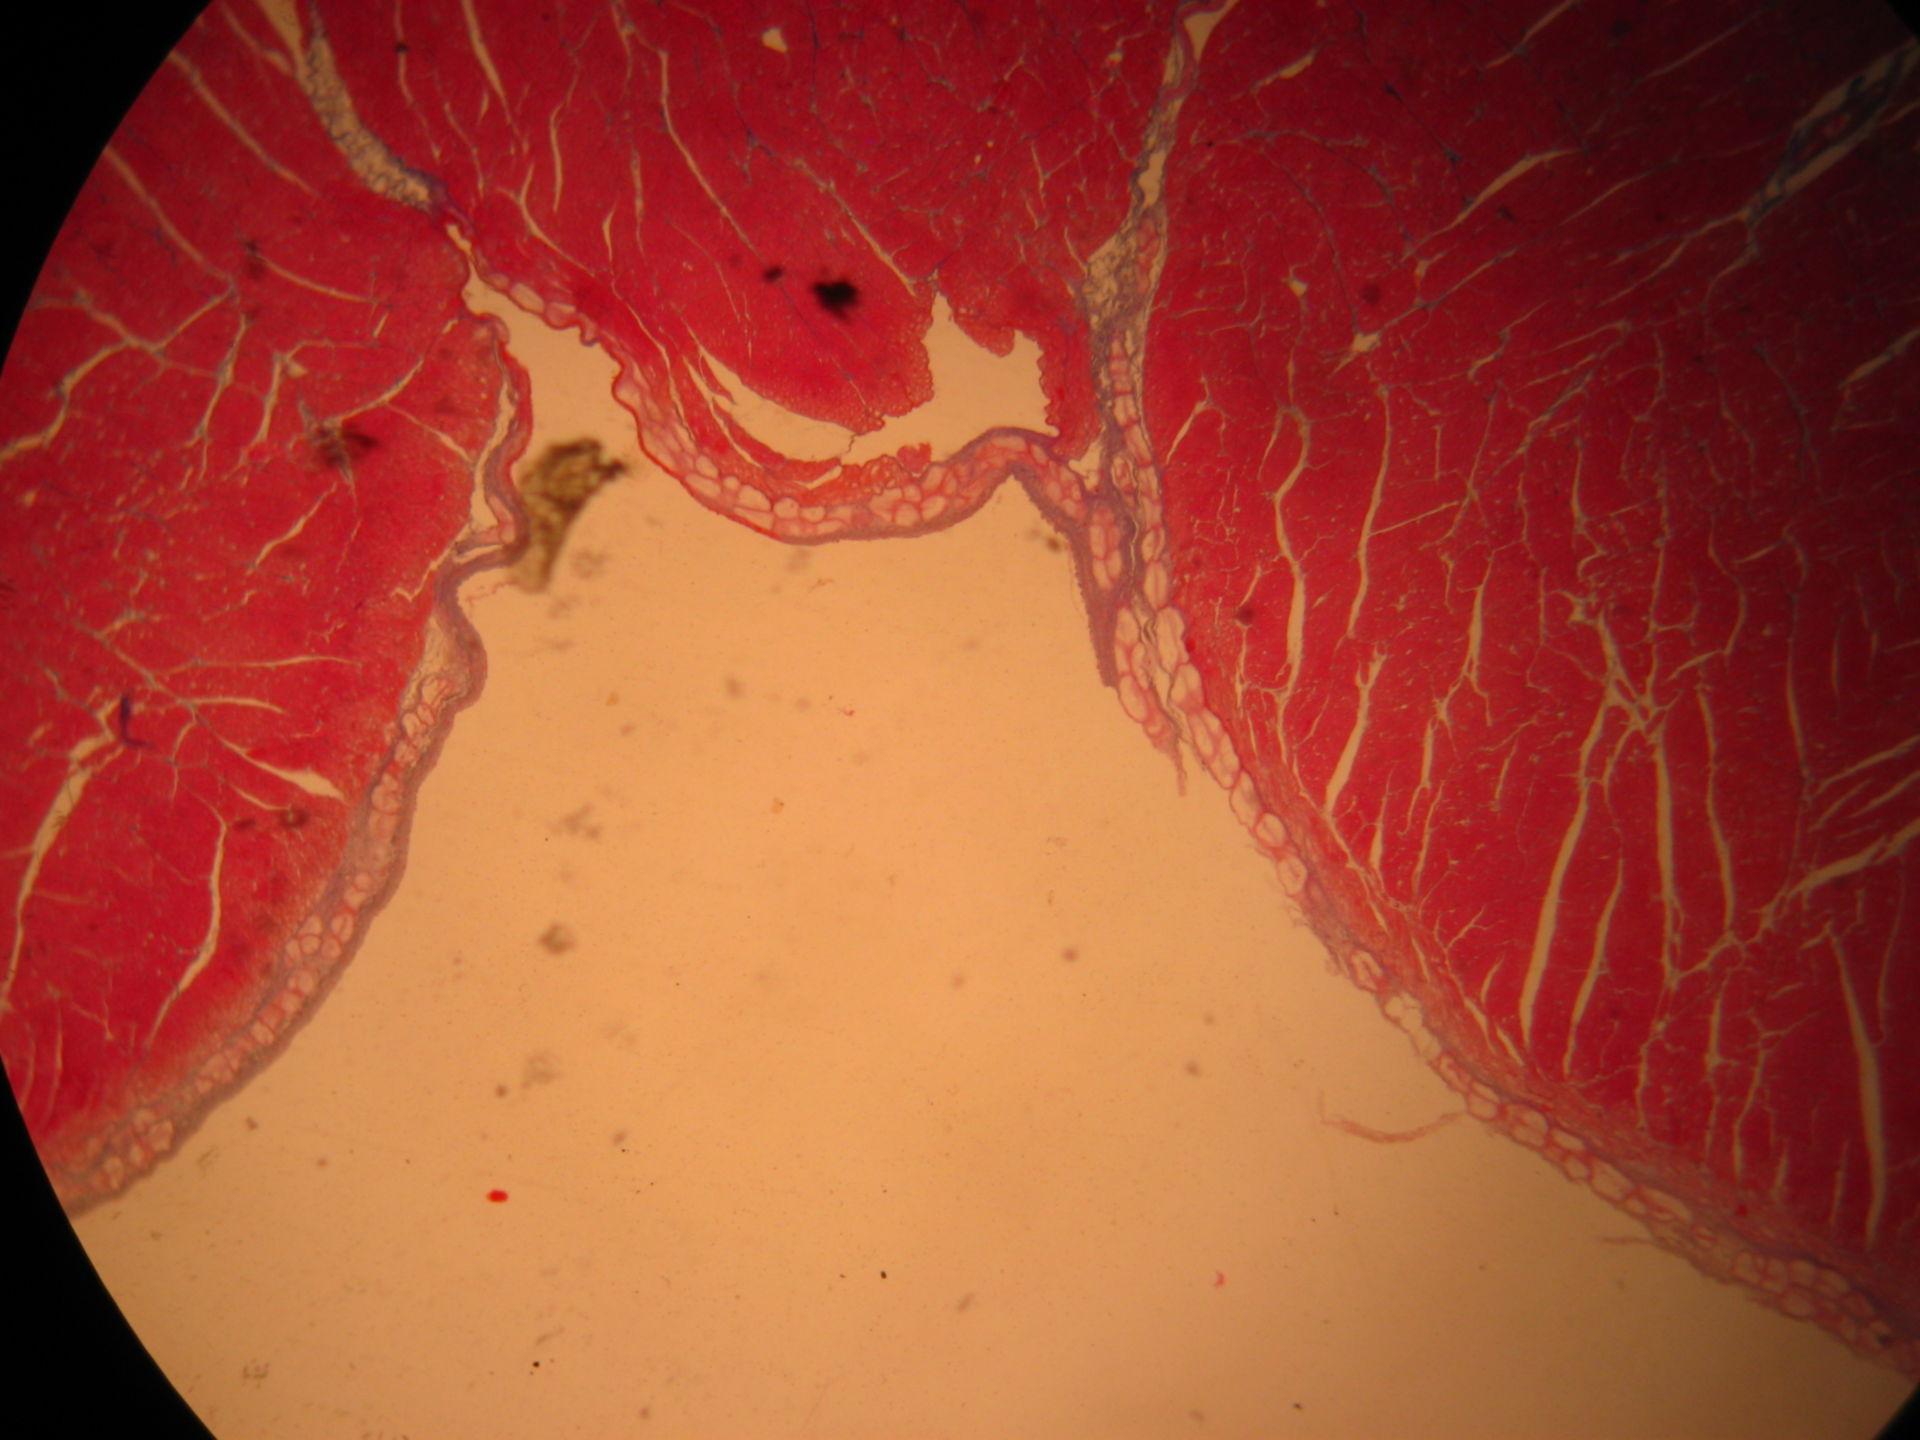 Herzmuskulatur, Lumen - Schwein